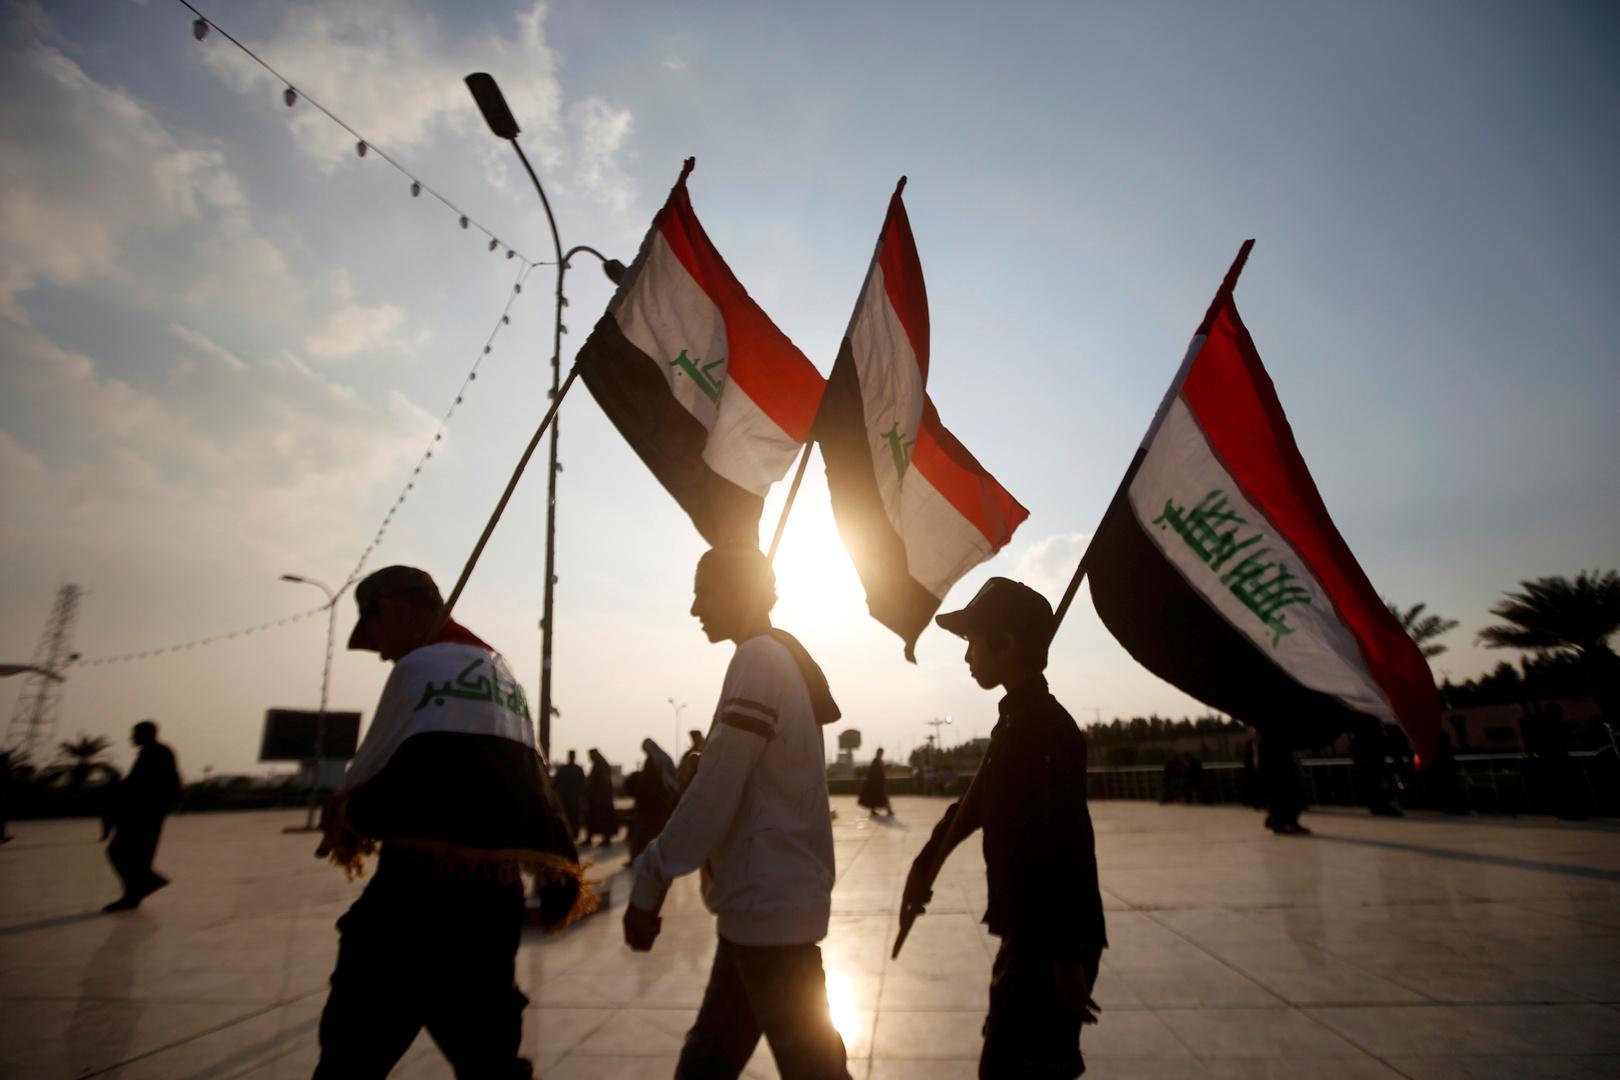 تحالف الصدر: سنرفض ترشيح أي اسم لرئاسة الحكومة العراقية لا تنطبق عليه شروط المتظاهرين